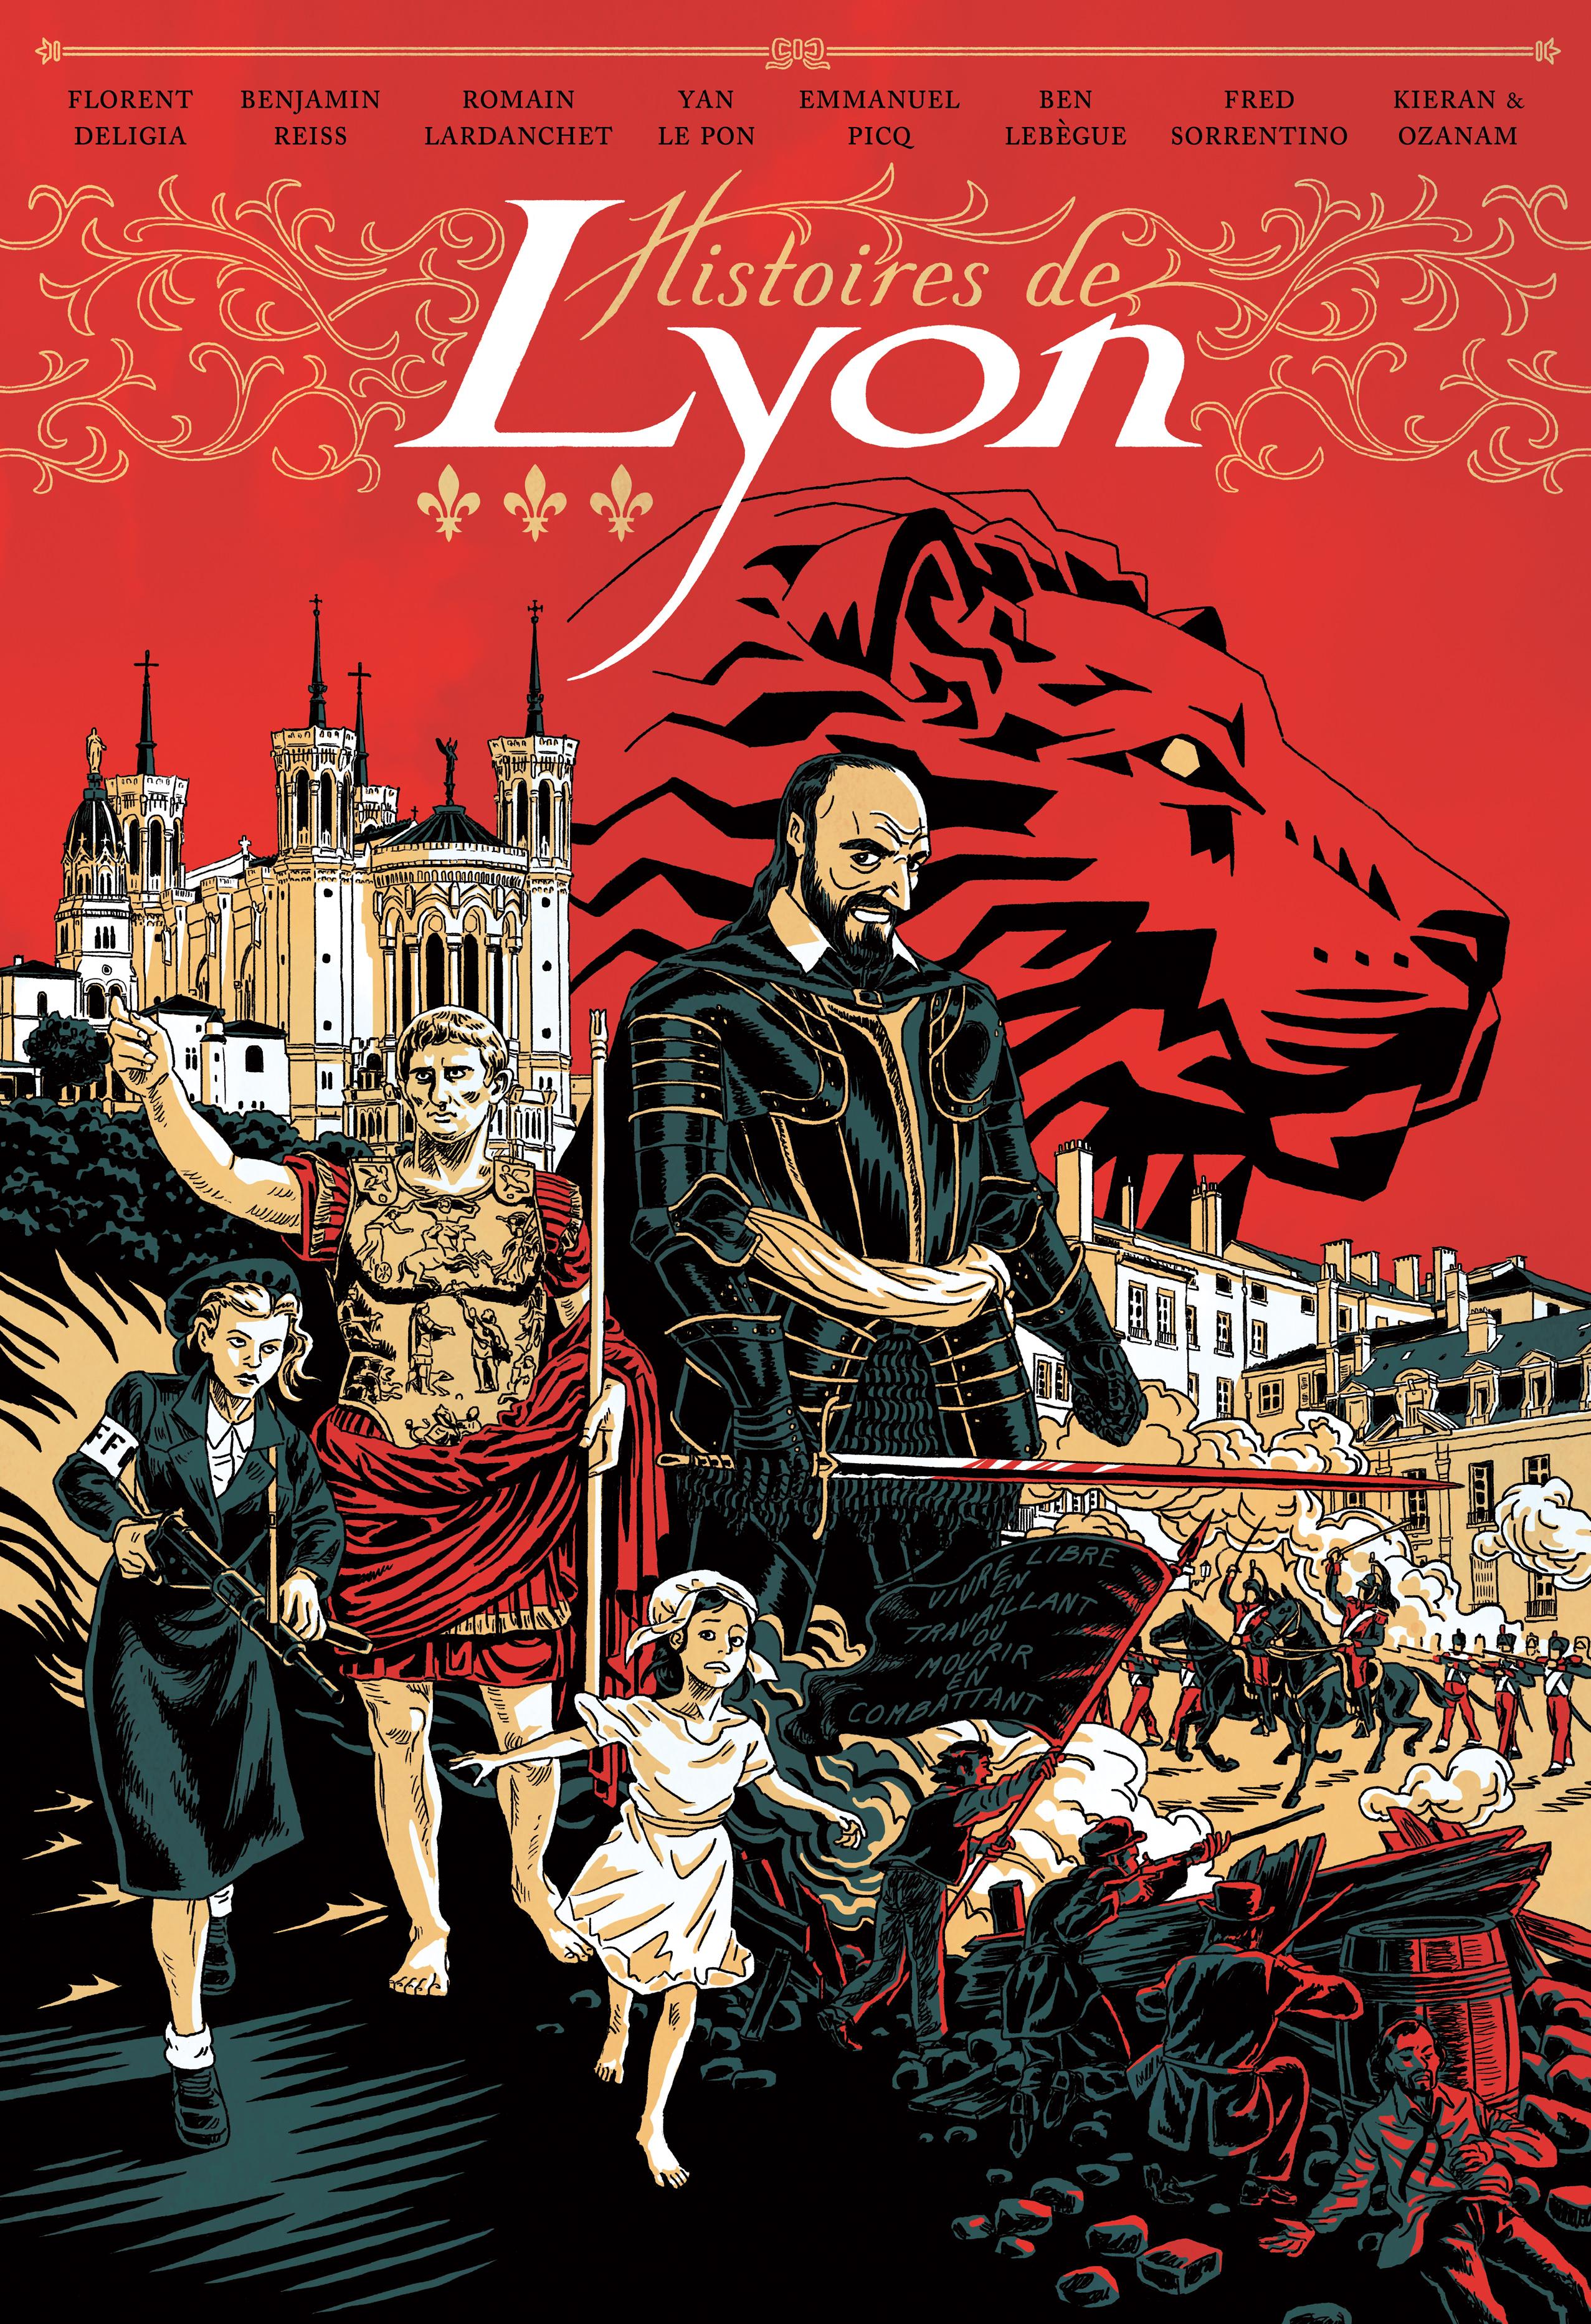 Histoires de Lyon vol.1 - 2012